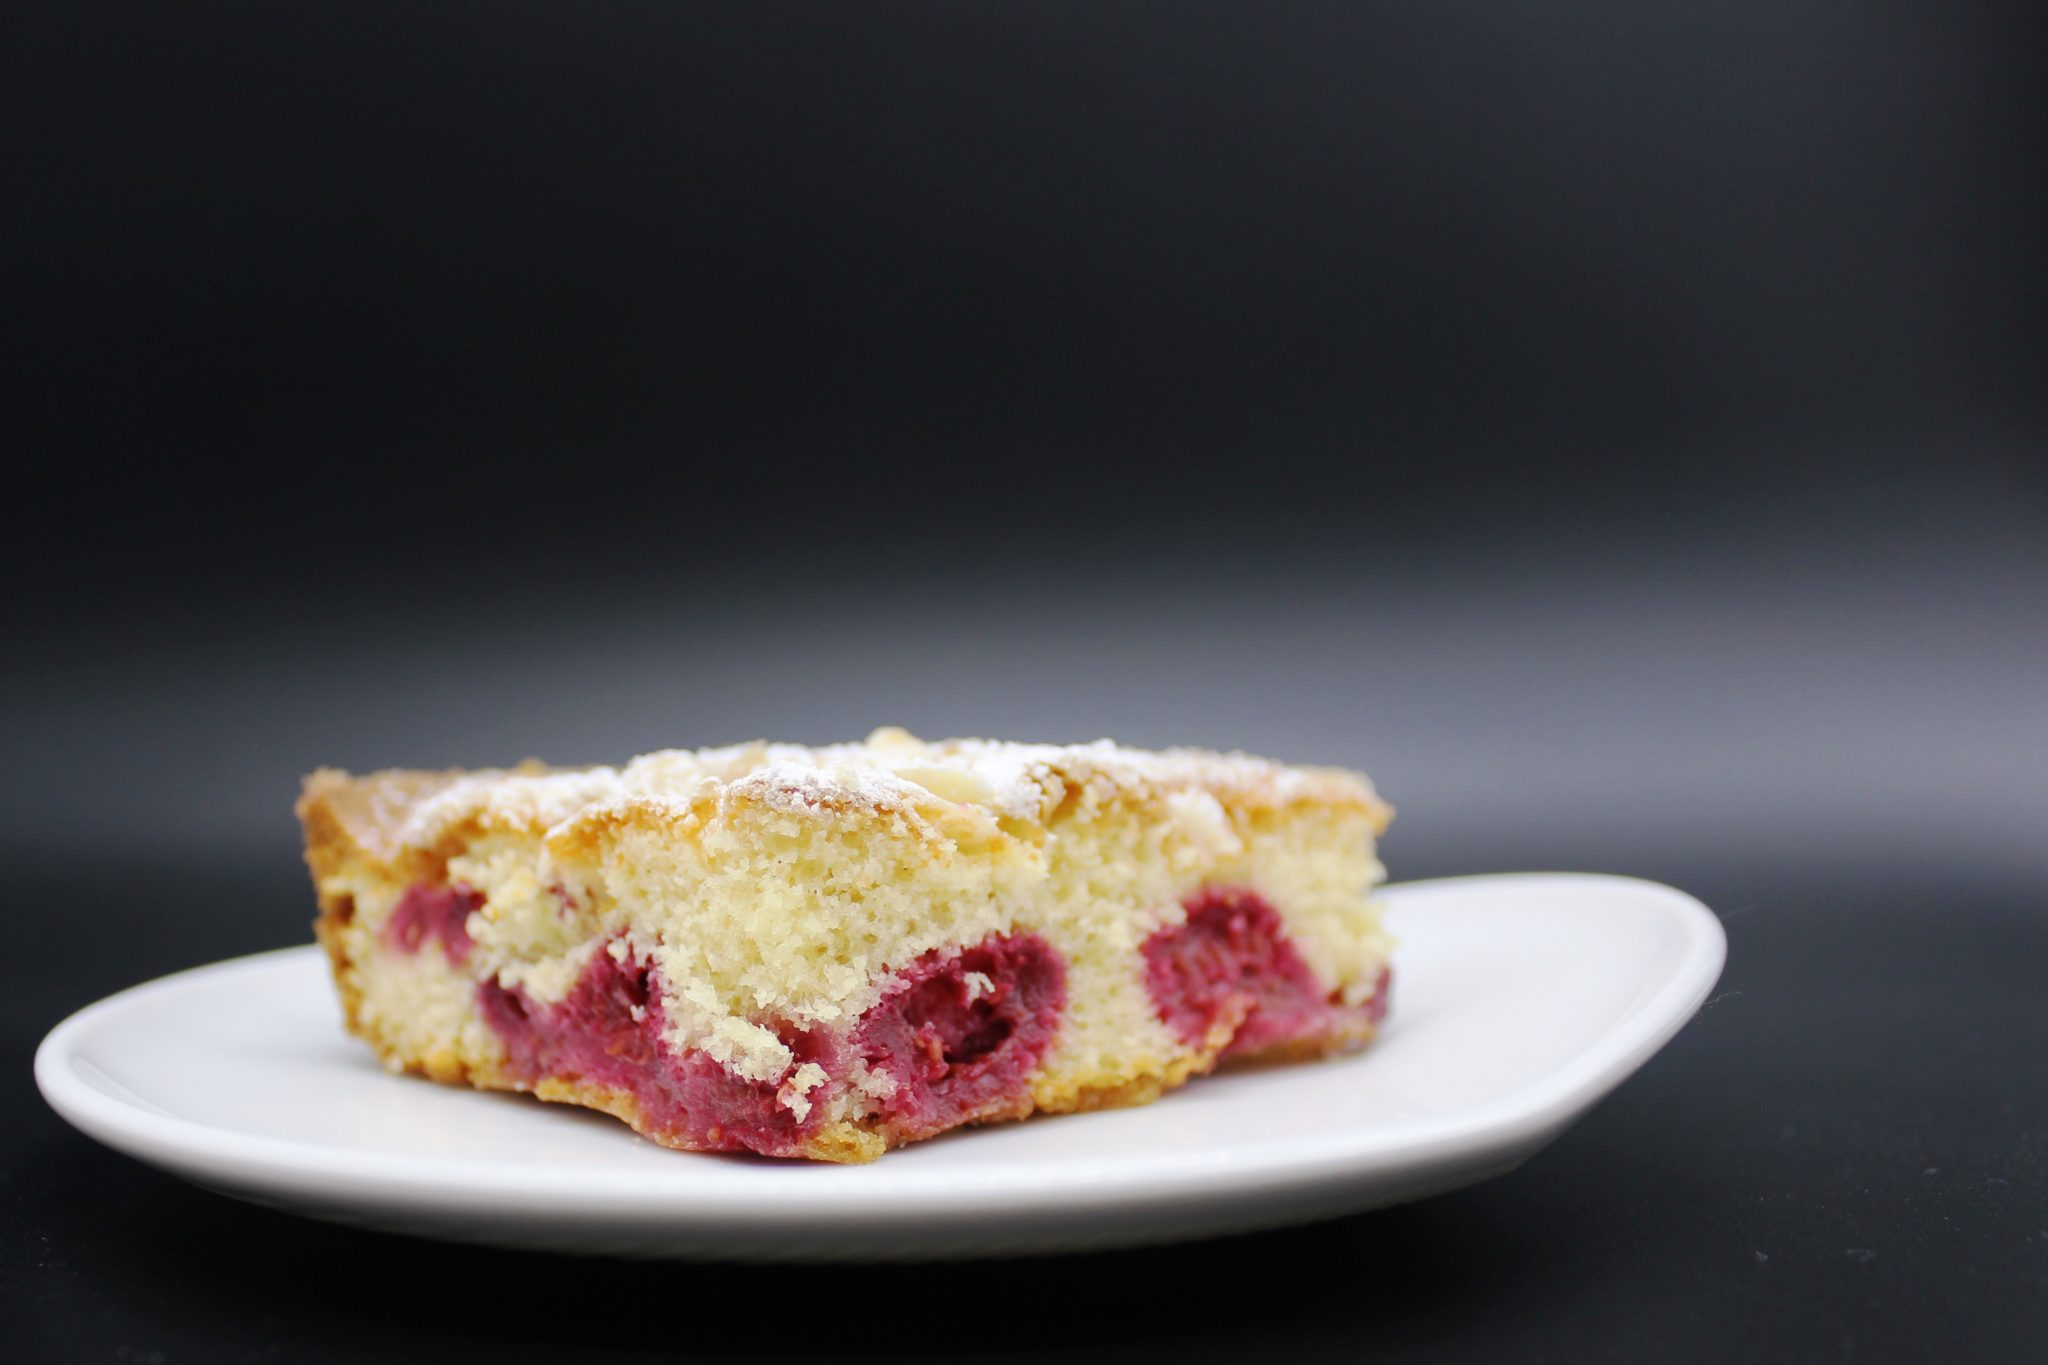 Himbeerkuchen vom Blech, Blechkuchen mit Himbeeren, Kuchen mit TK Himbeeren, TK Himbeeren verarbeiten, Kuchen schnell, Kuchen Rezept einfach